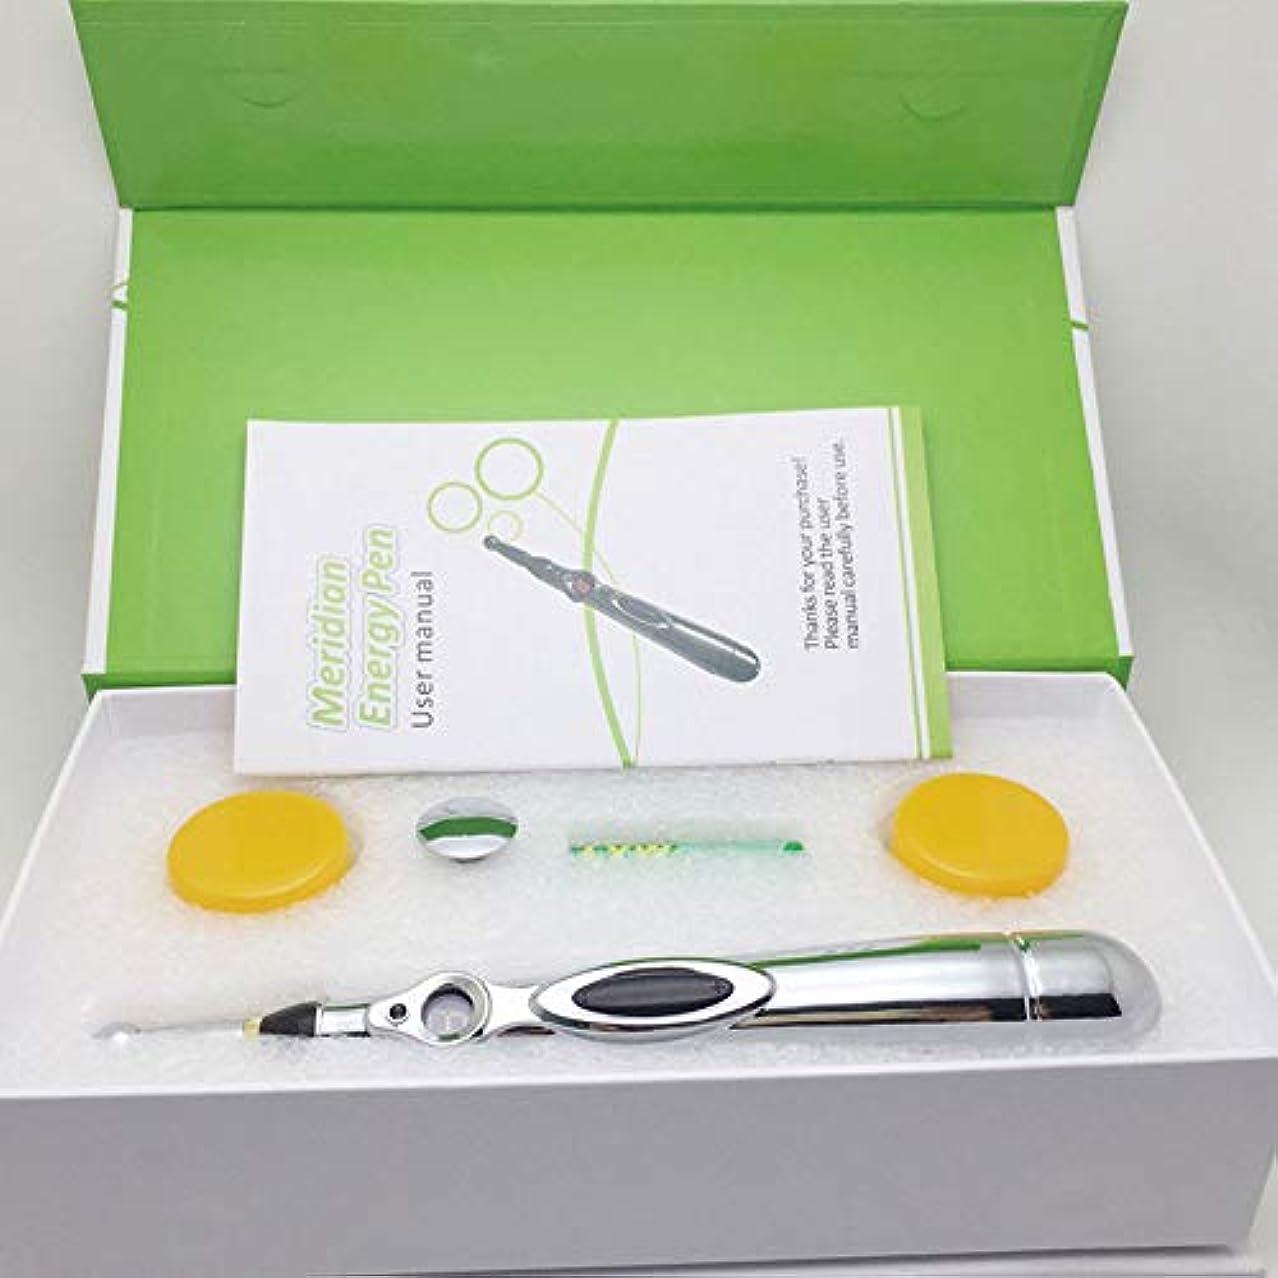 チャームアークシャーク循環エネルギーメリディアンペンマジックメリディアンマッサージペンメリディアンツボペン中年用品